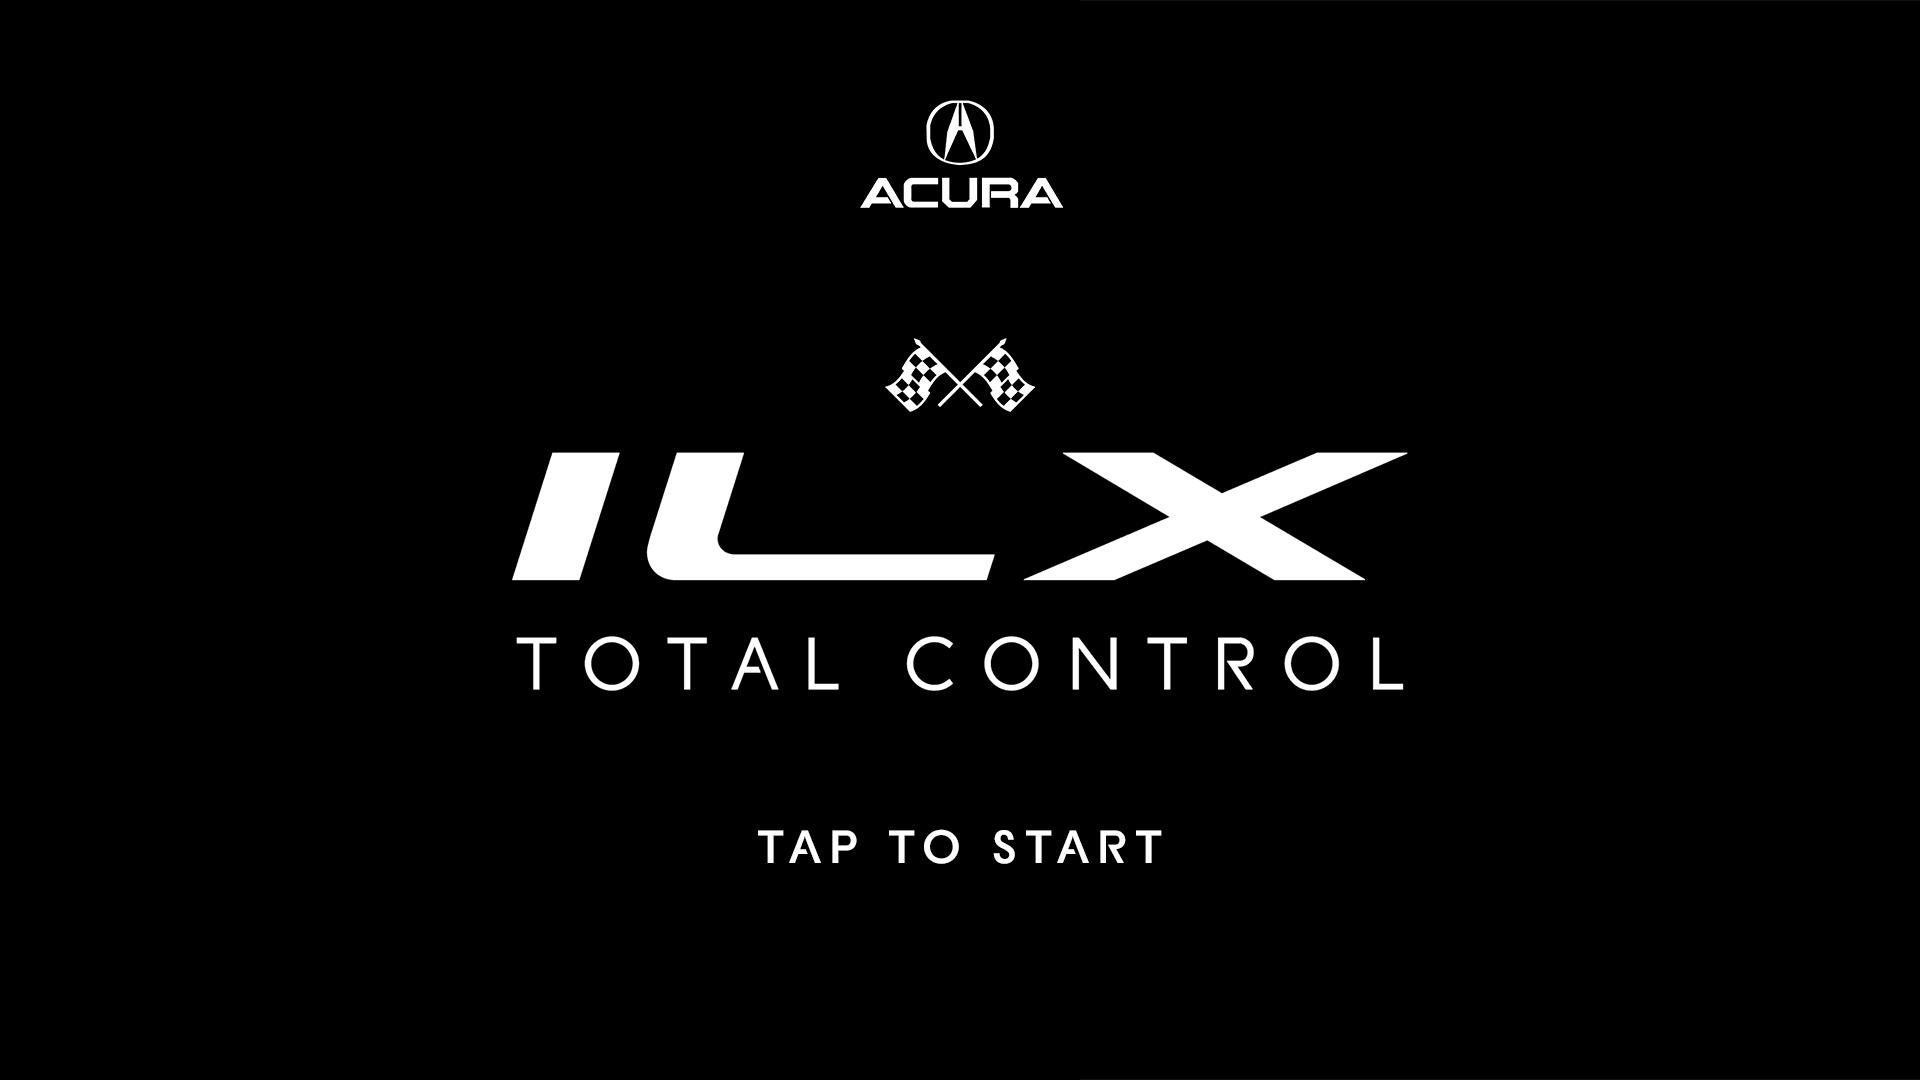 Total Control Acura Ilx Acura Ilx Acura Cool Websites